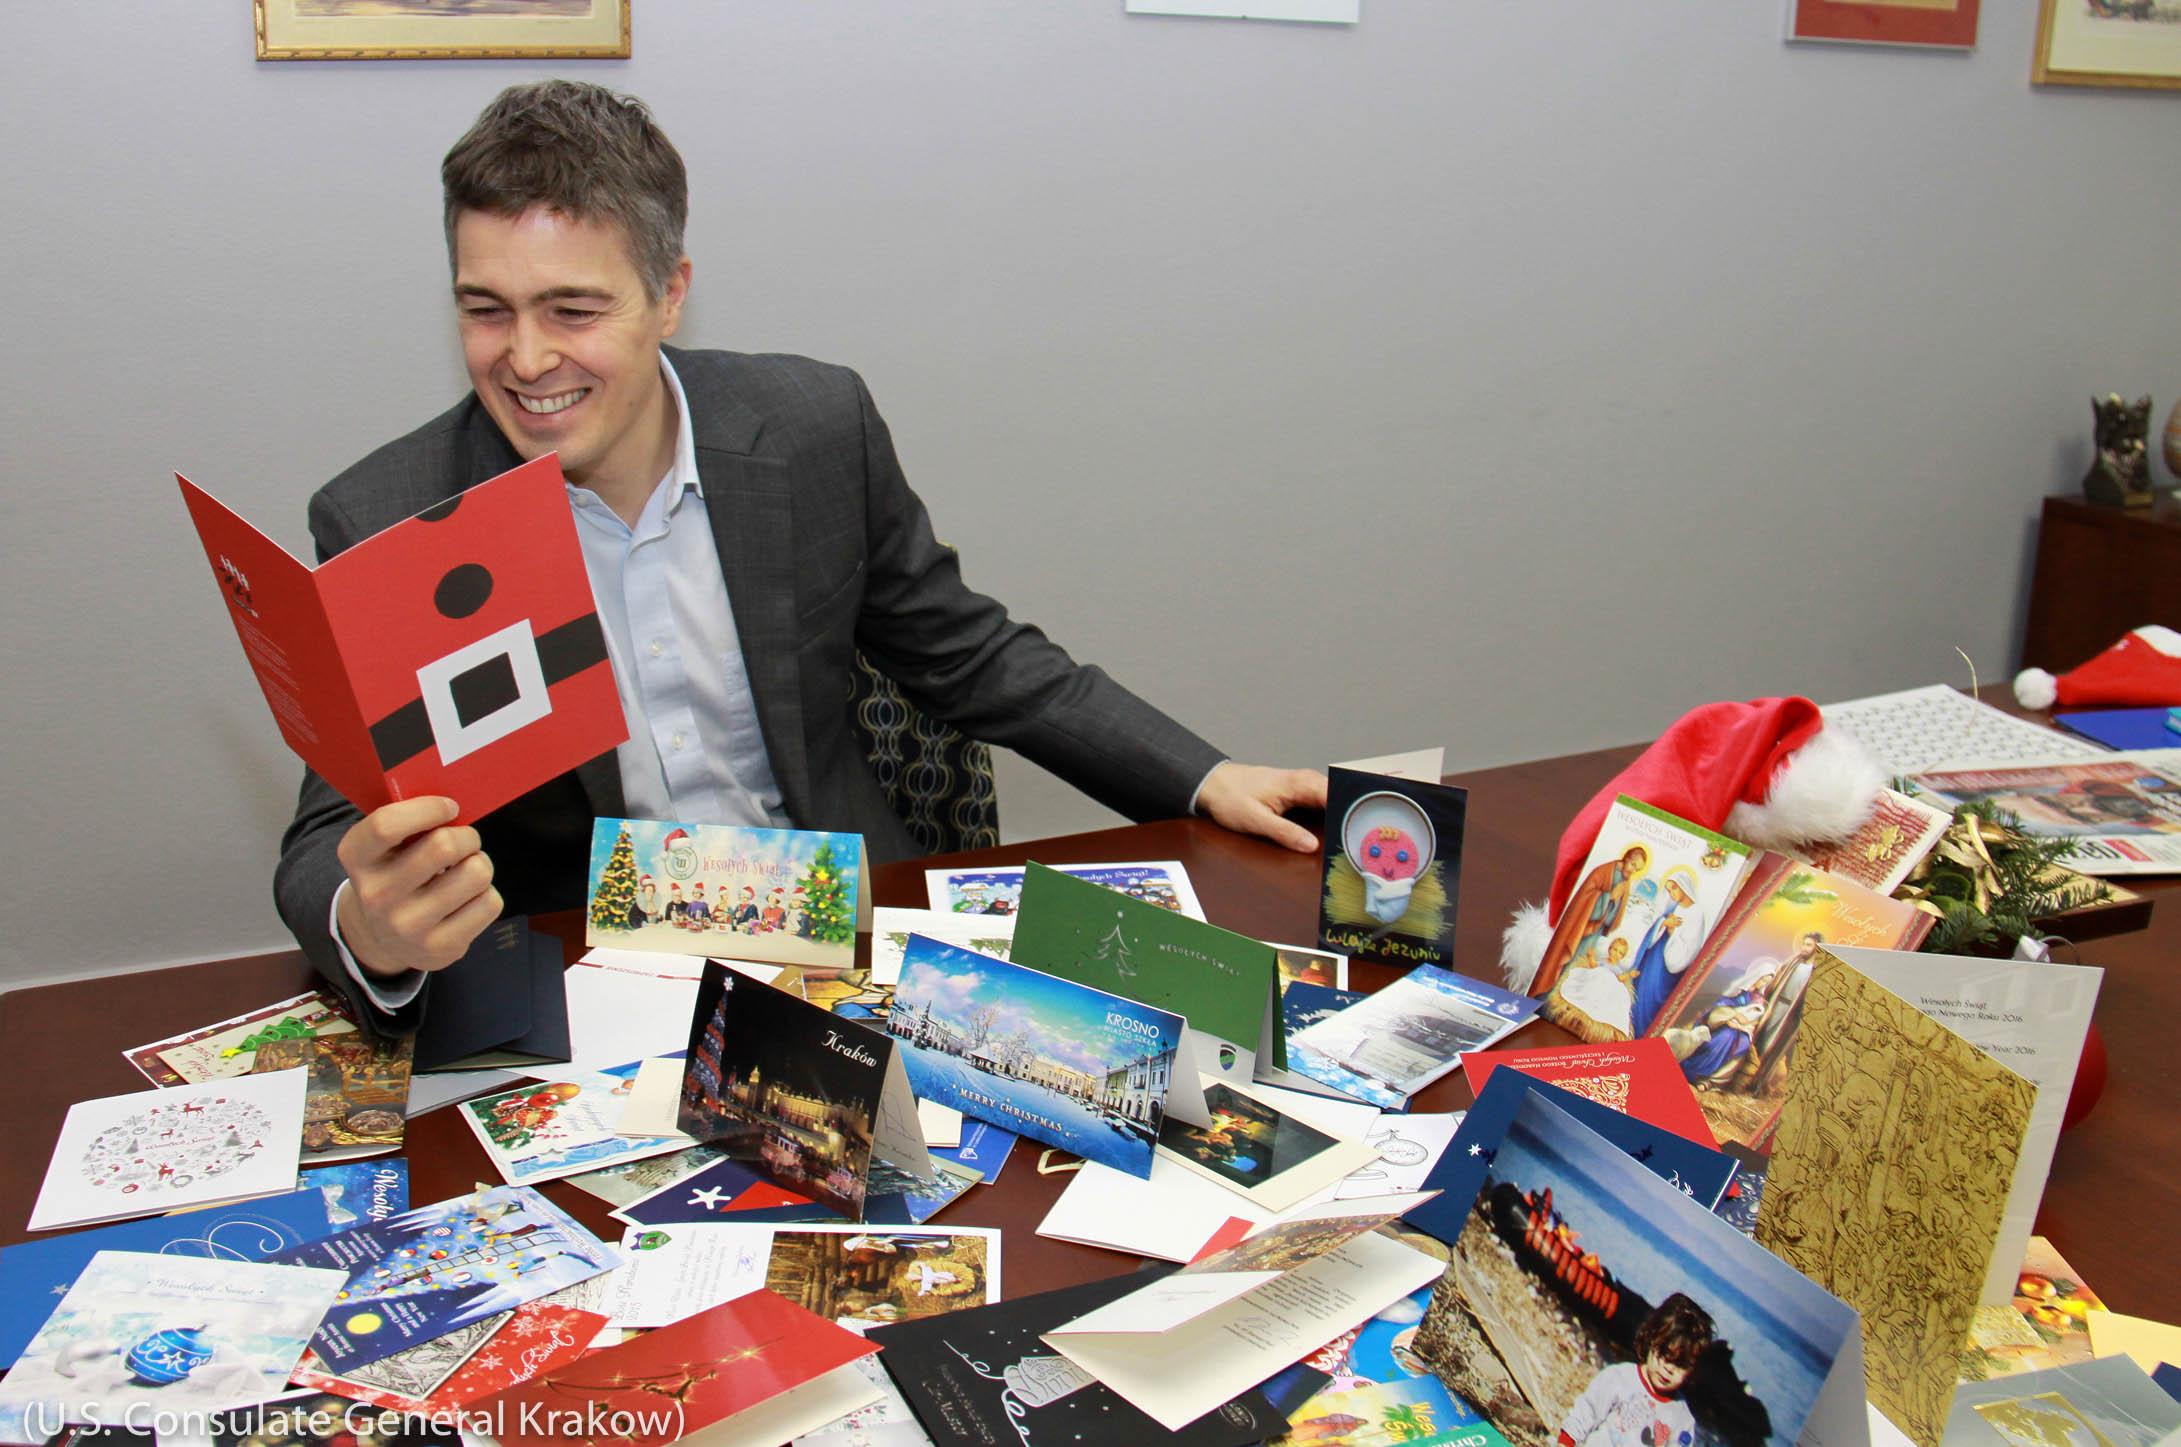 میز پر پڑے ہوئے کرسمس کے کارڈوں کو ایک آدمی پڑھ رہا ہے۔ (U.S. Consulate General Krakow)